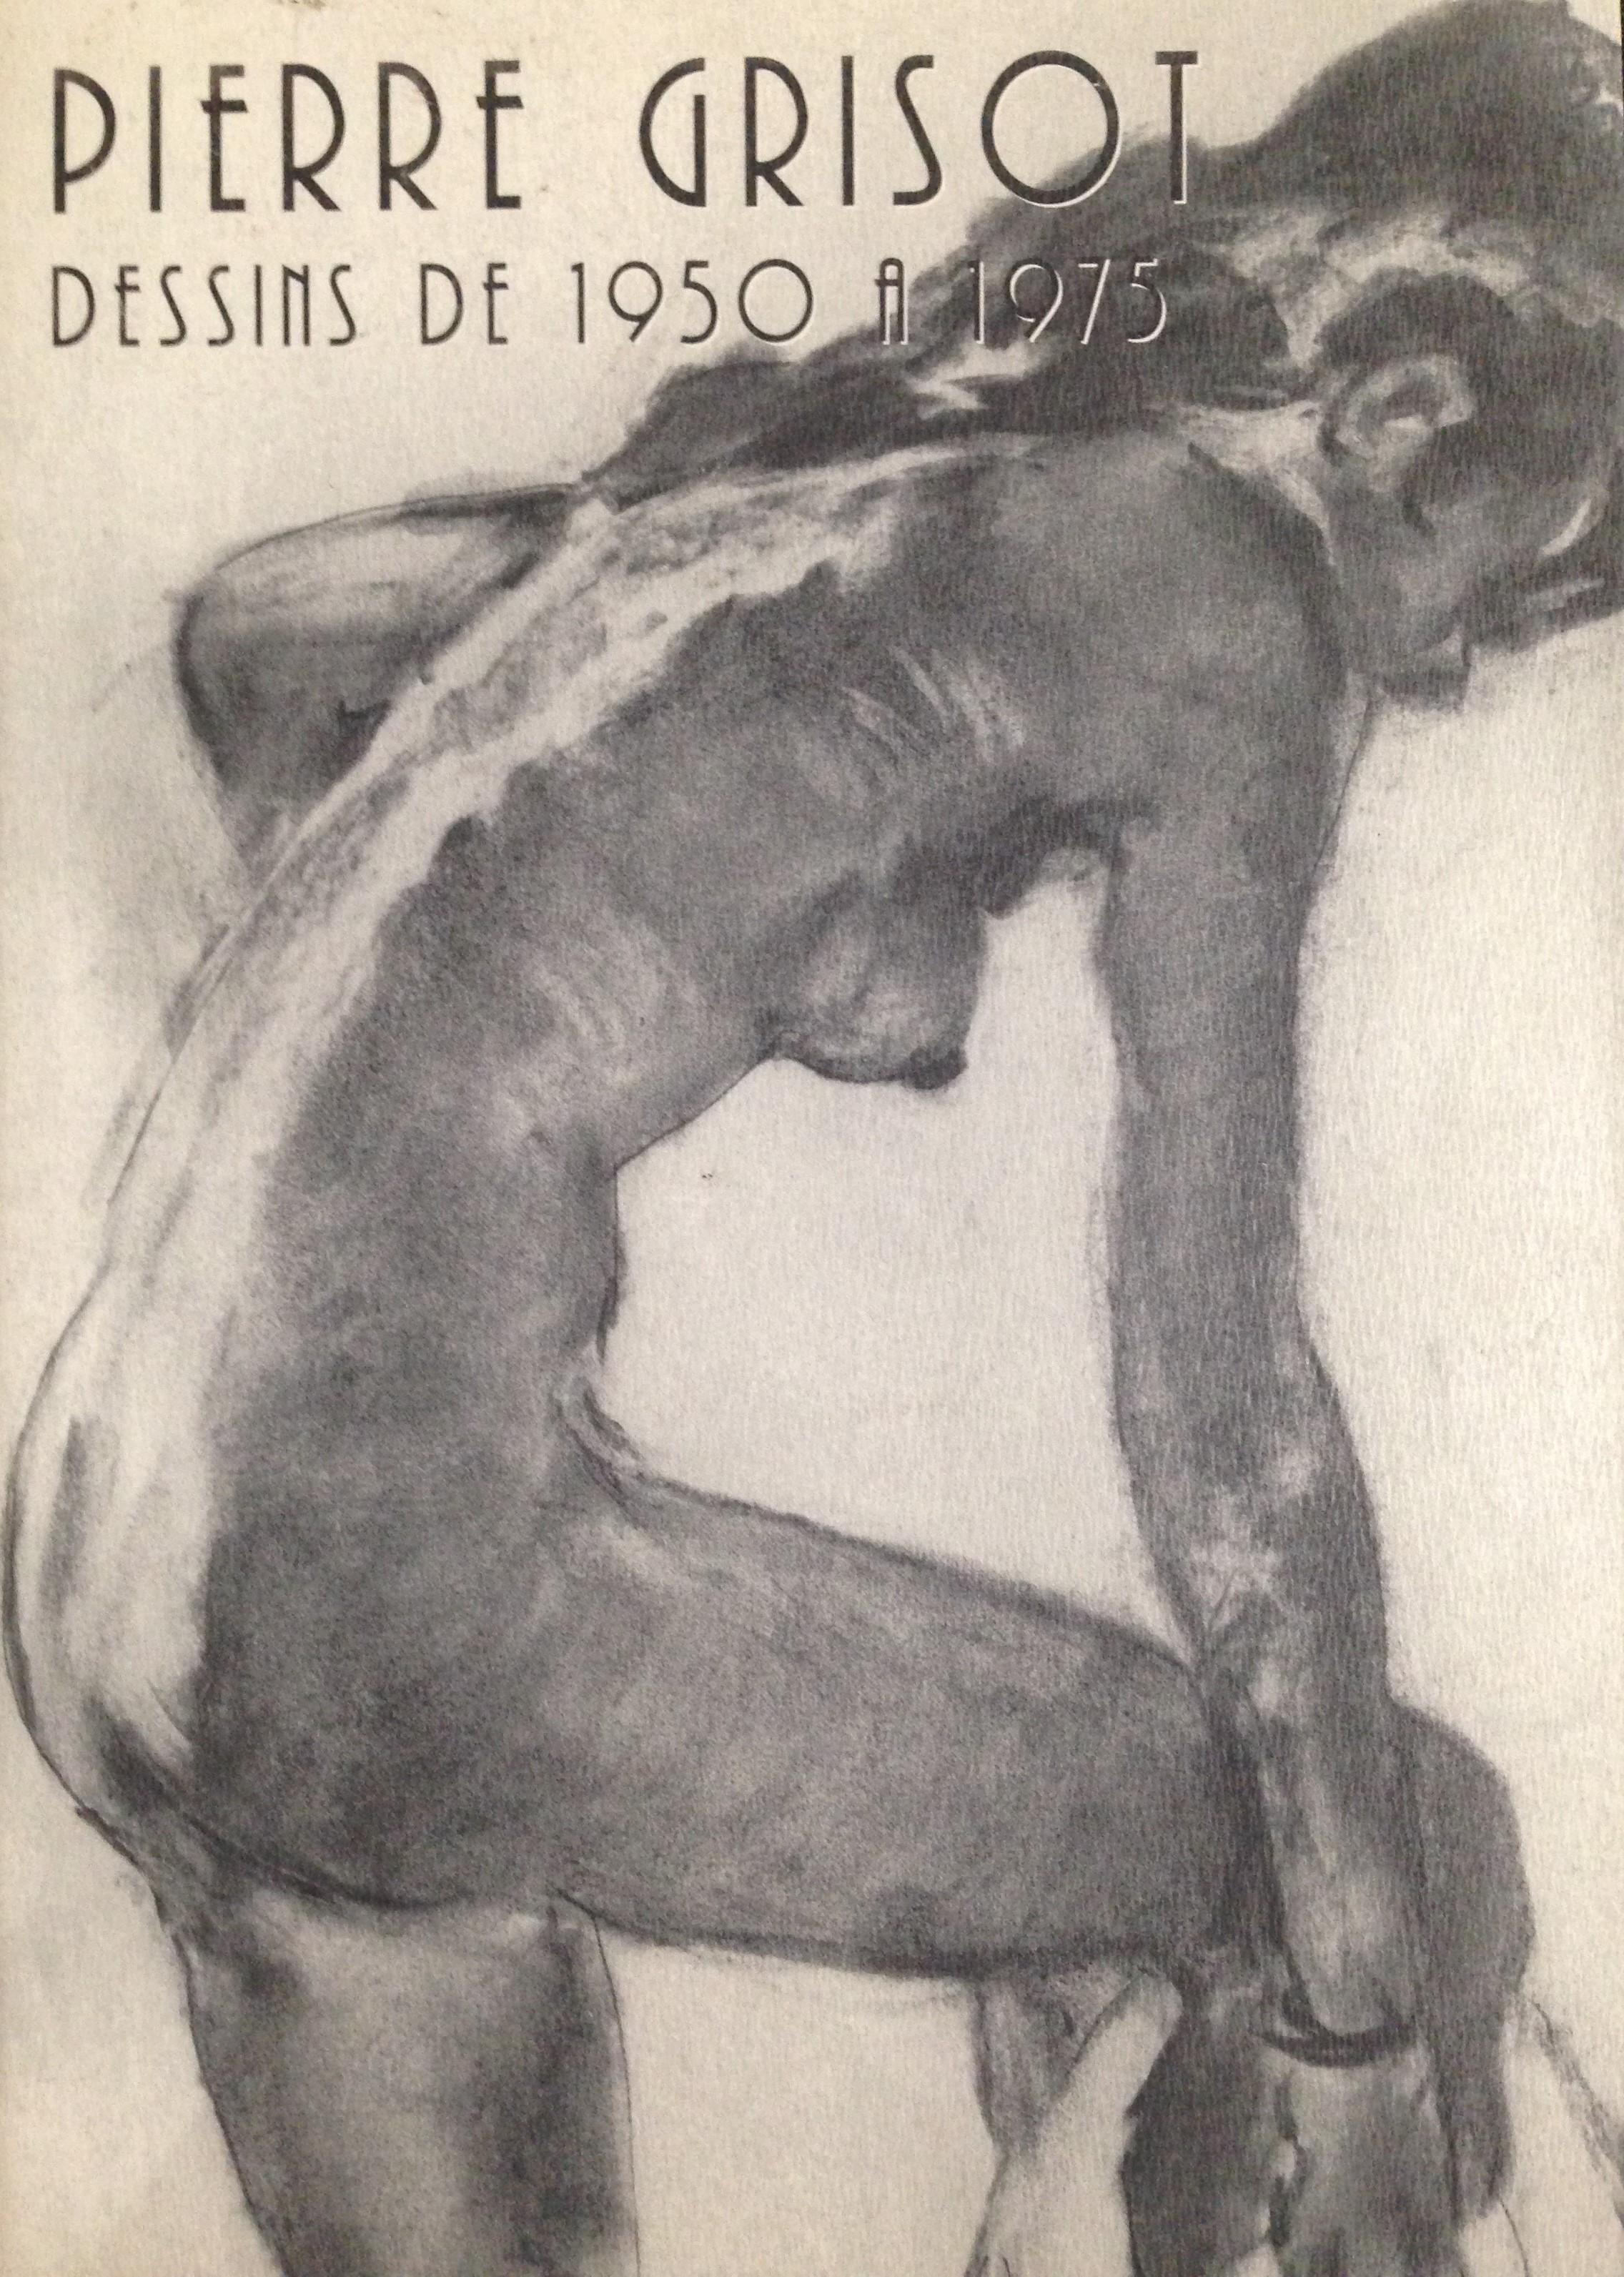 Pierre Grisot Dessins de 1950 à 1975